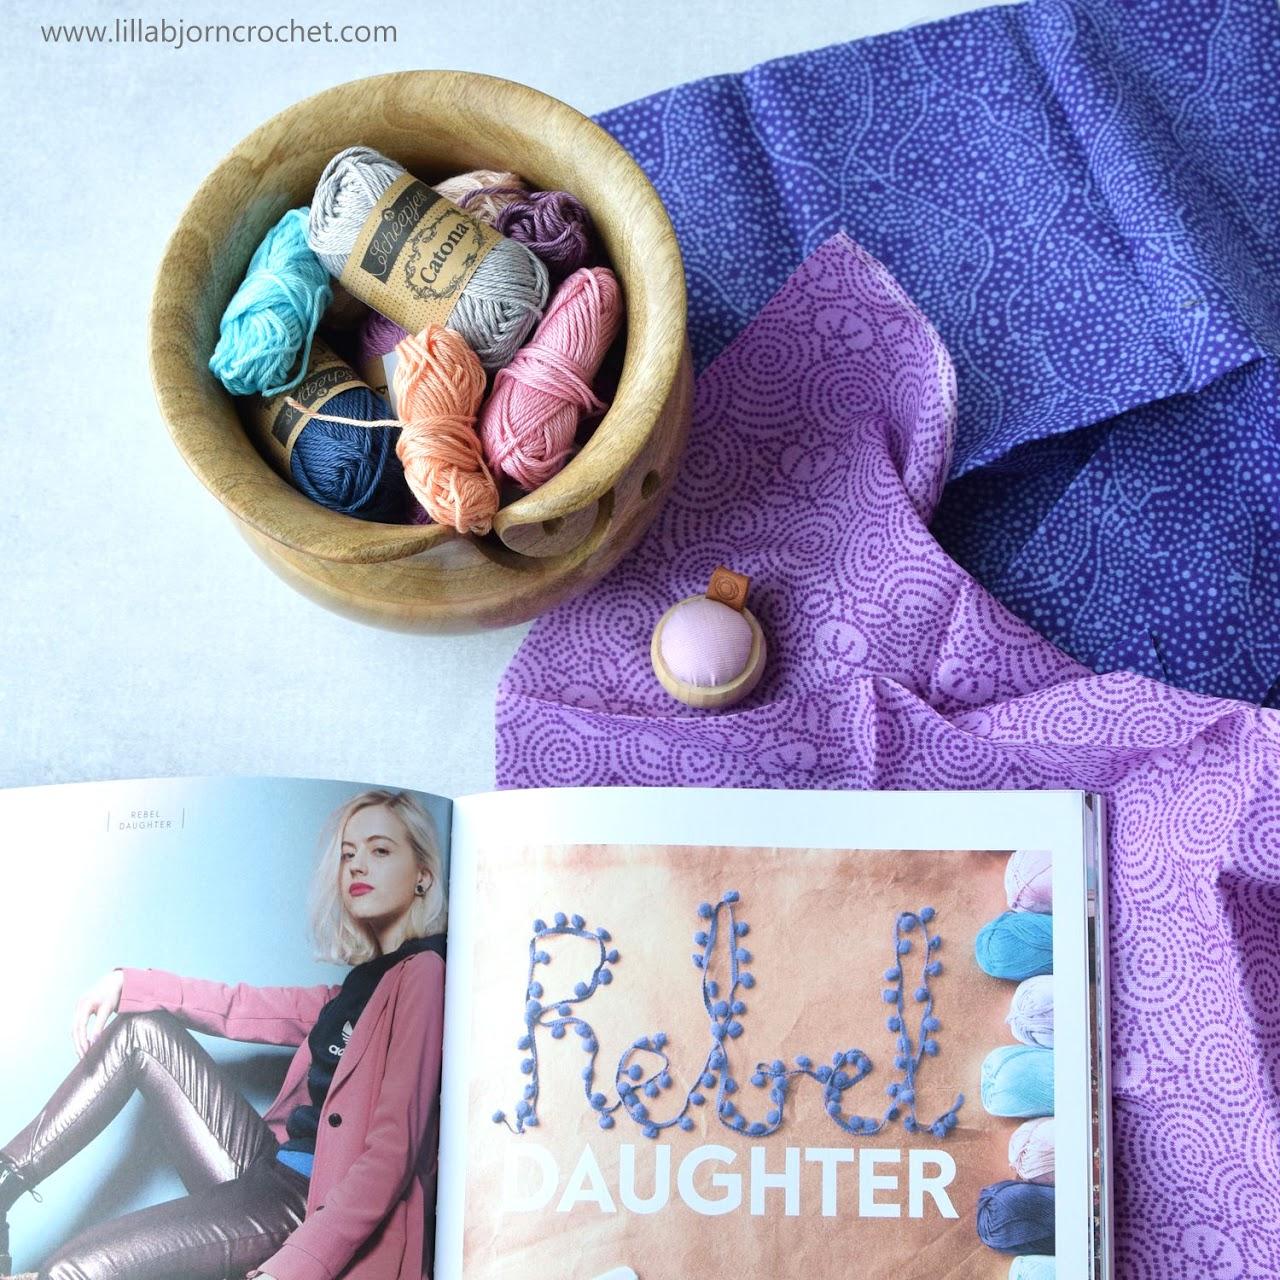 Techno Clutch tapestry crochet pattern - YARN 5 book-a-zine by Scheepjes - www.lillabjorncrochet.com